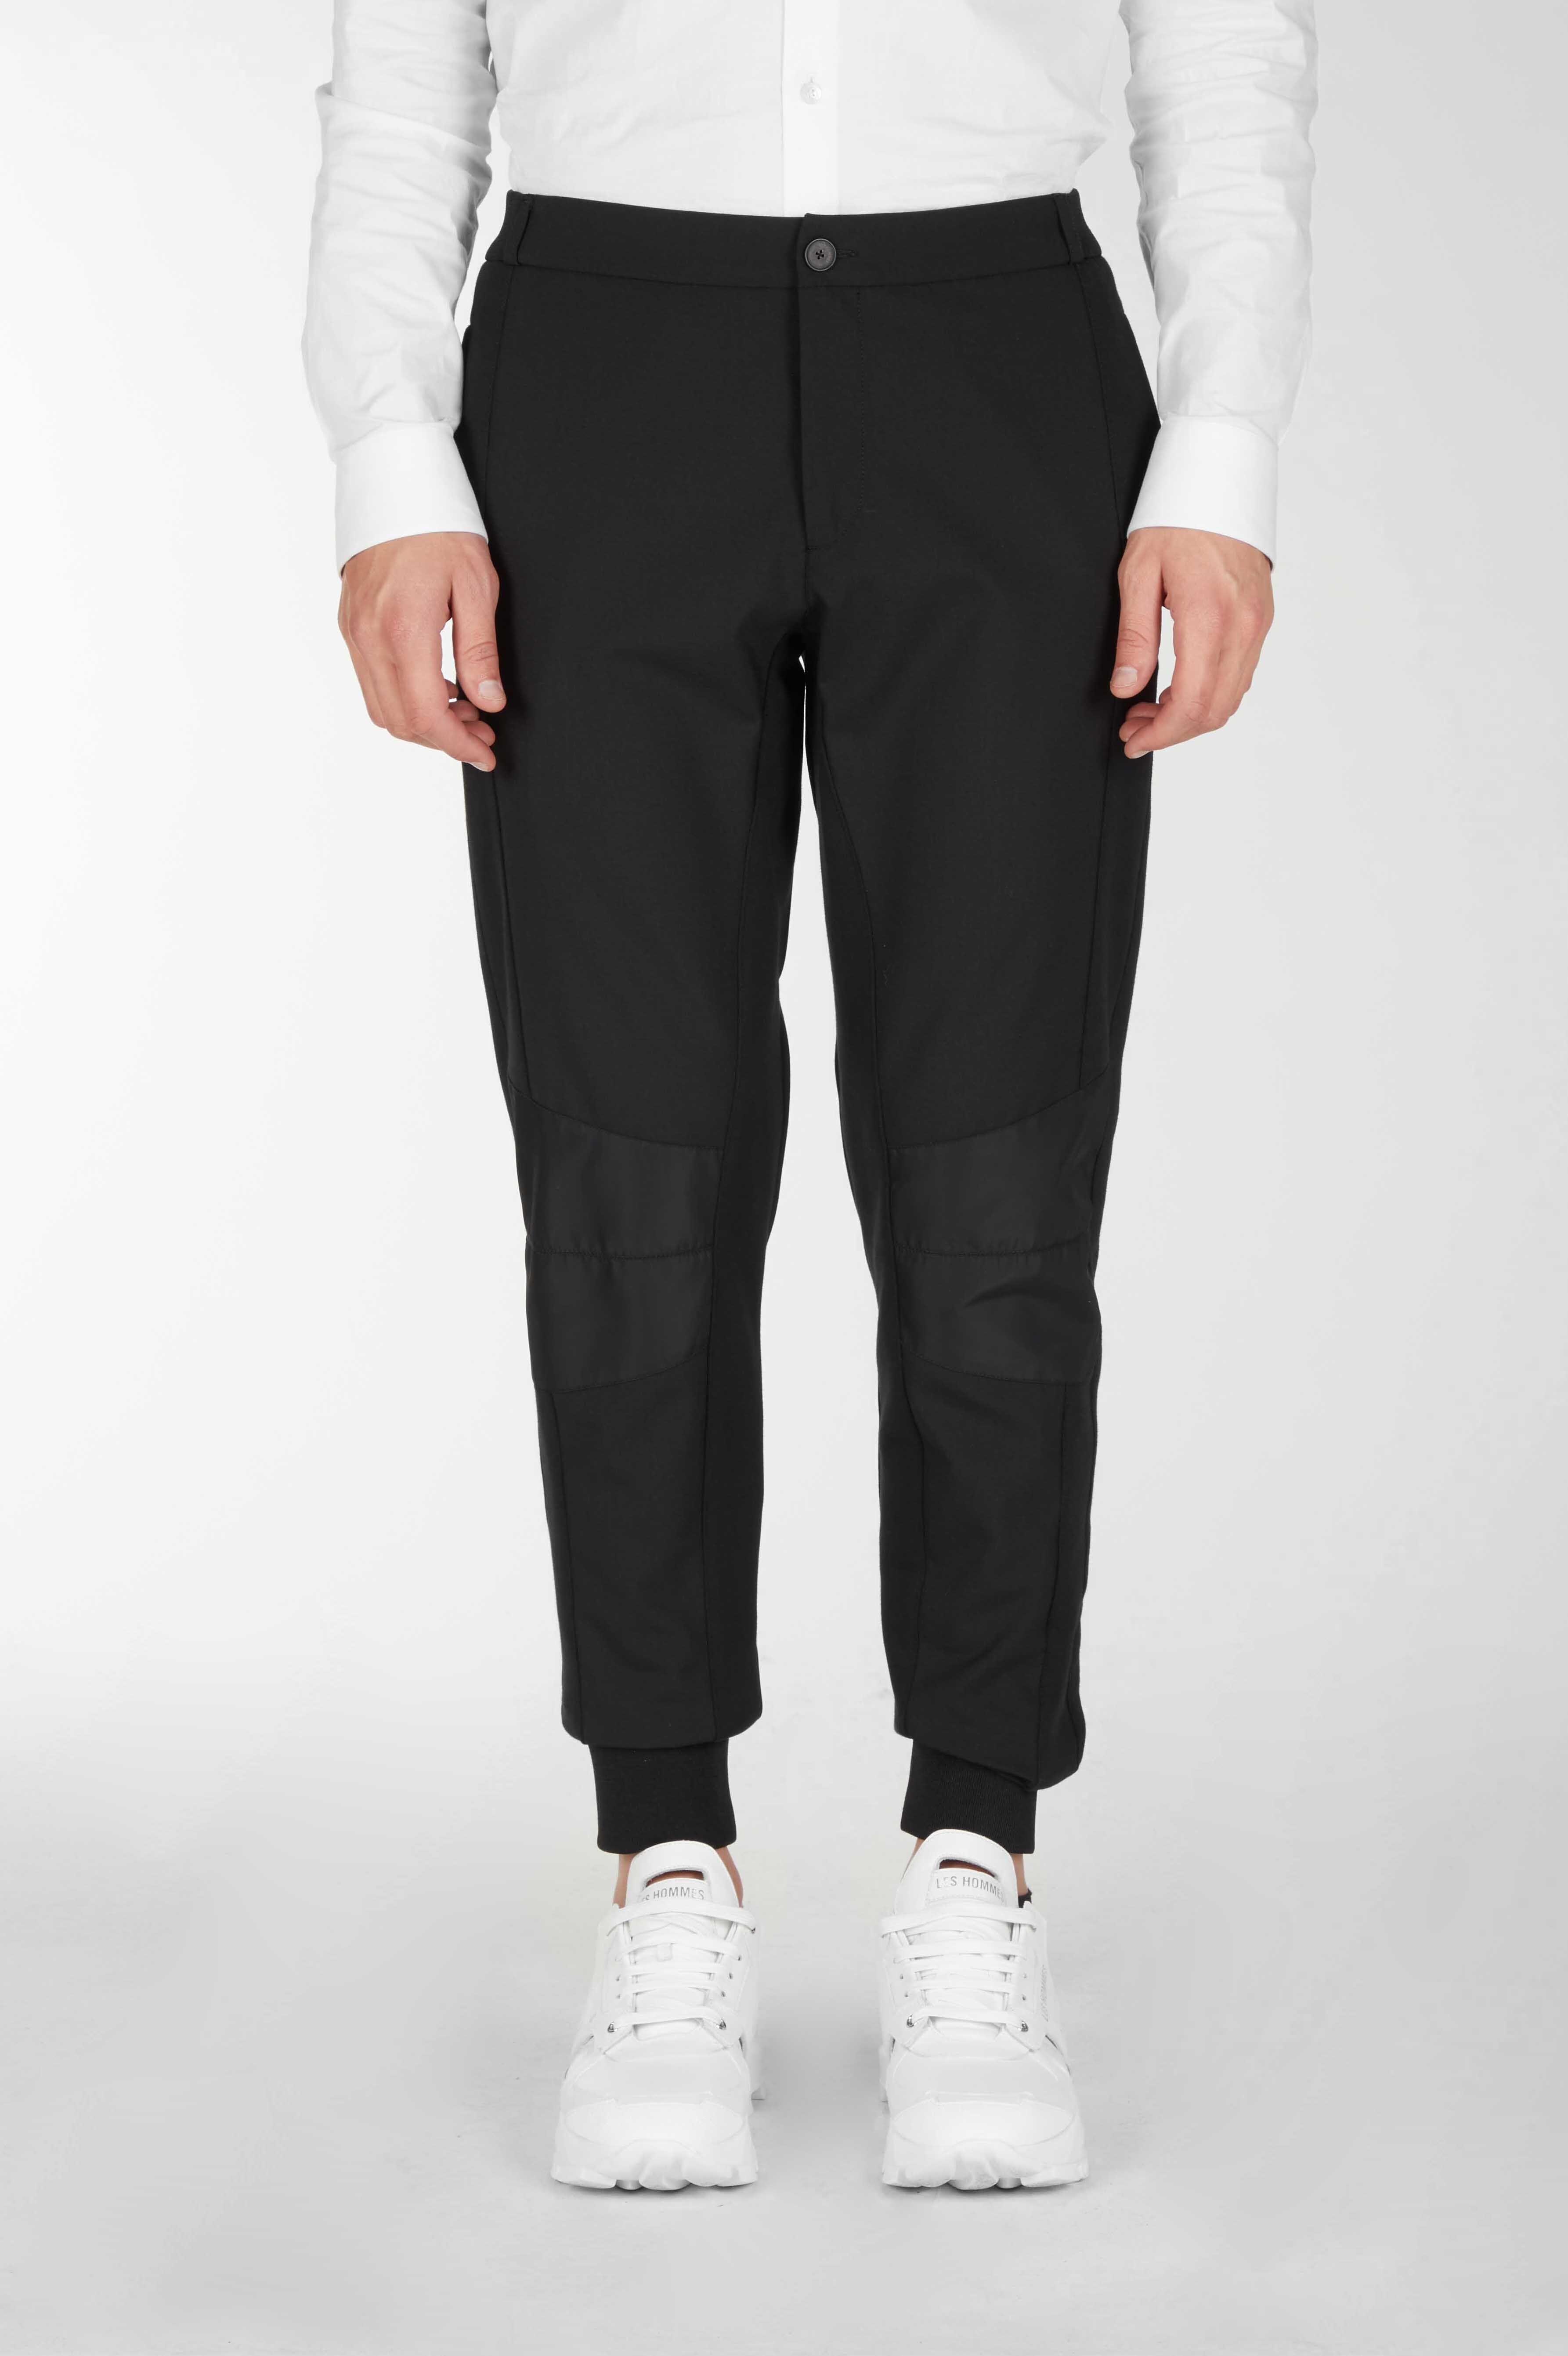 Pantaloni Con Dettaglio Al Ginocchio - Les Hommes